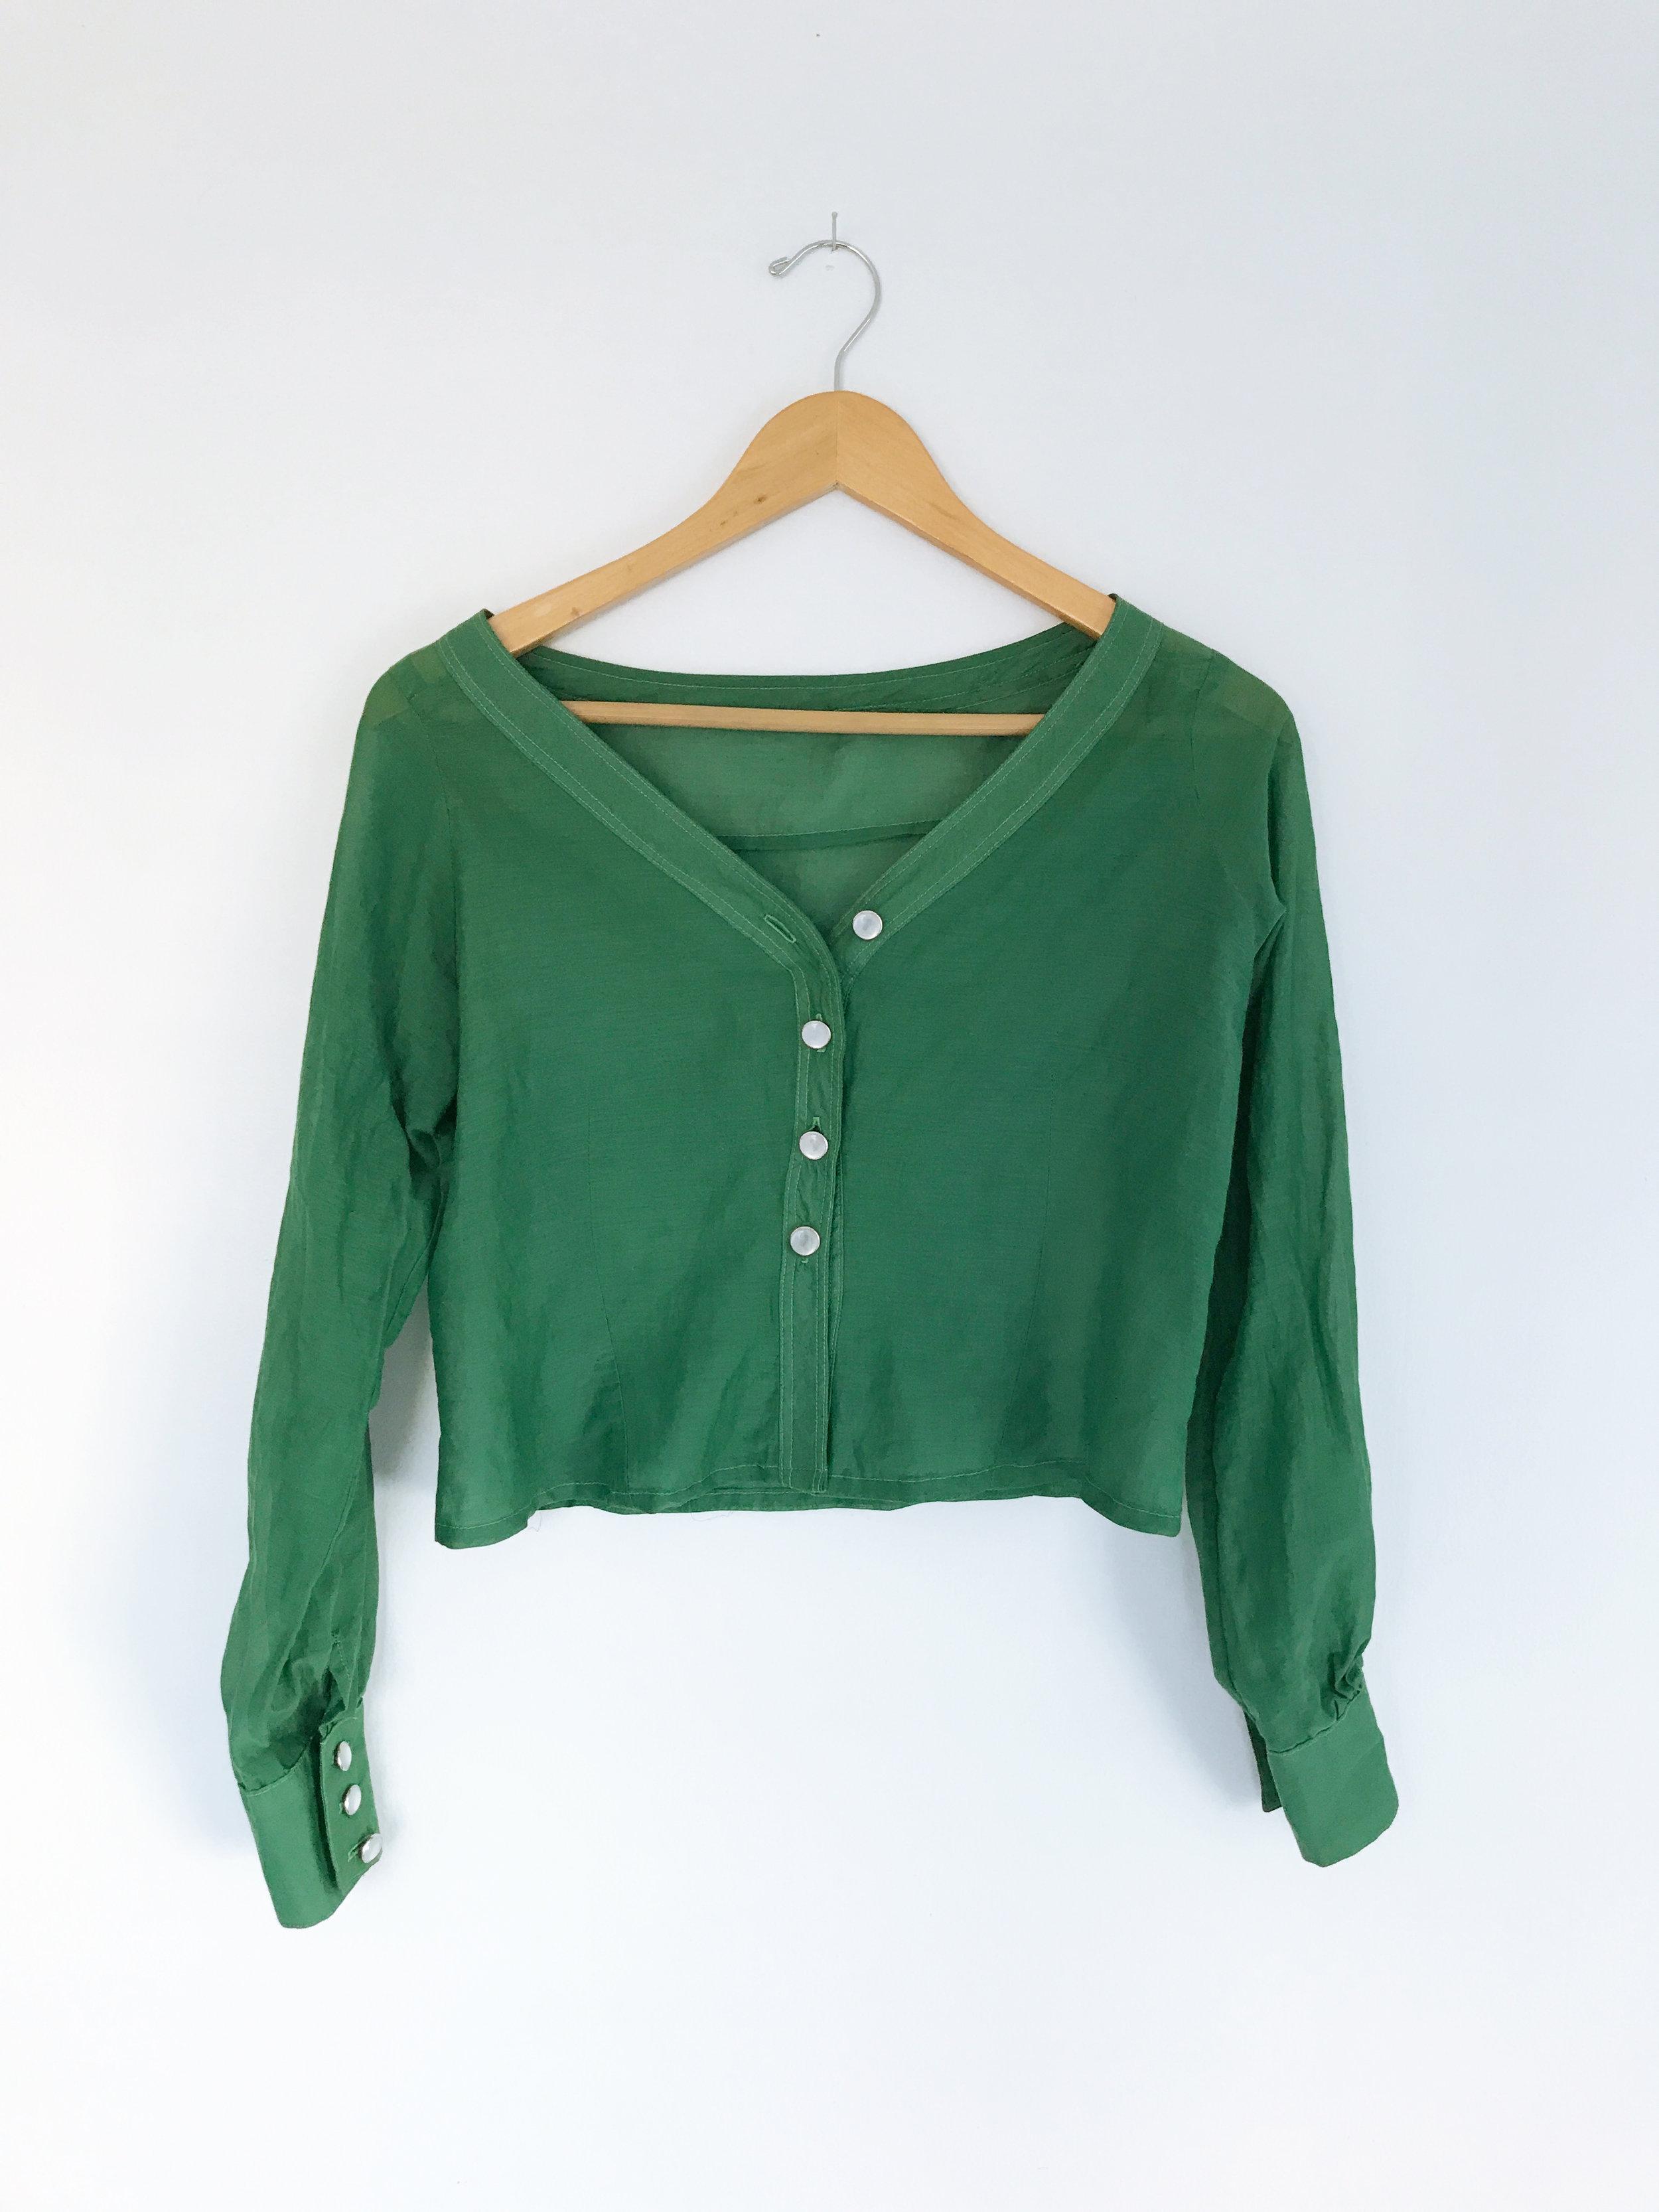 Custom Blouse for Angel Olsen - Materials: Sheer silk blend glass buttons